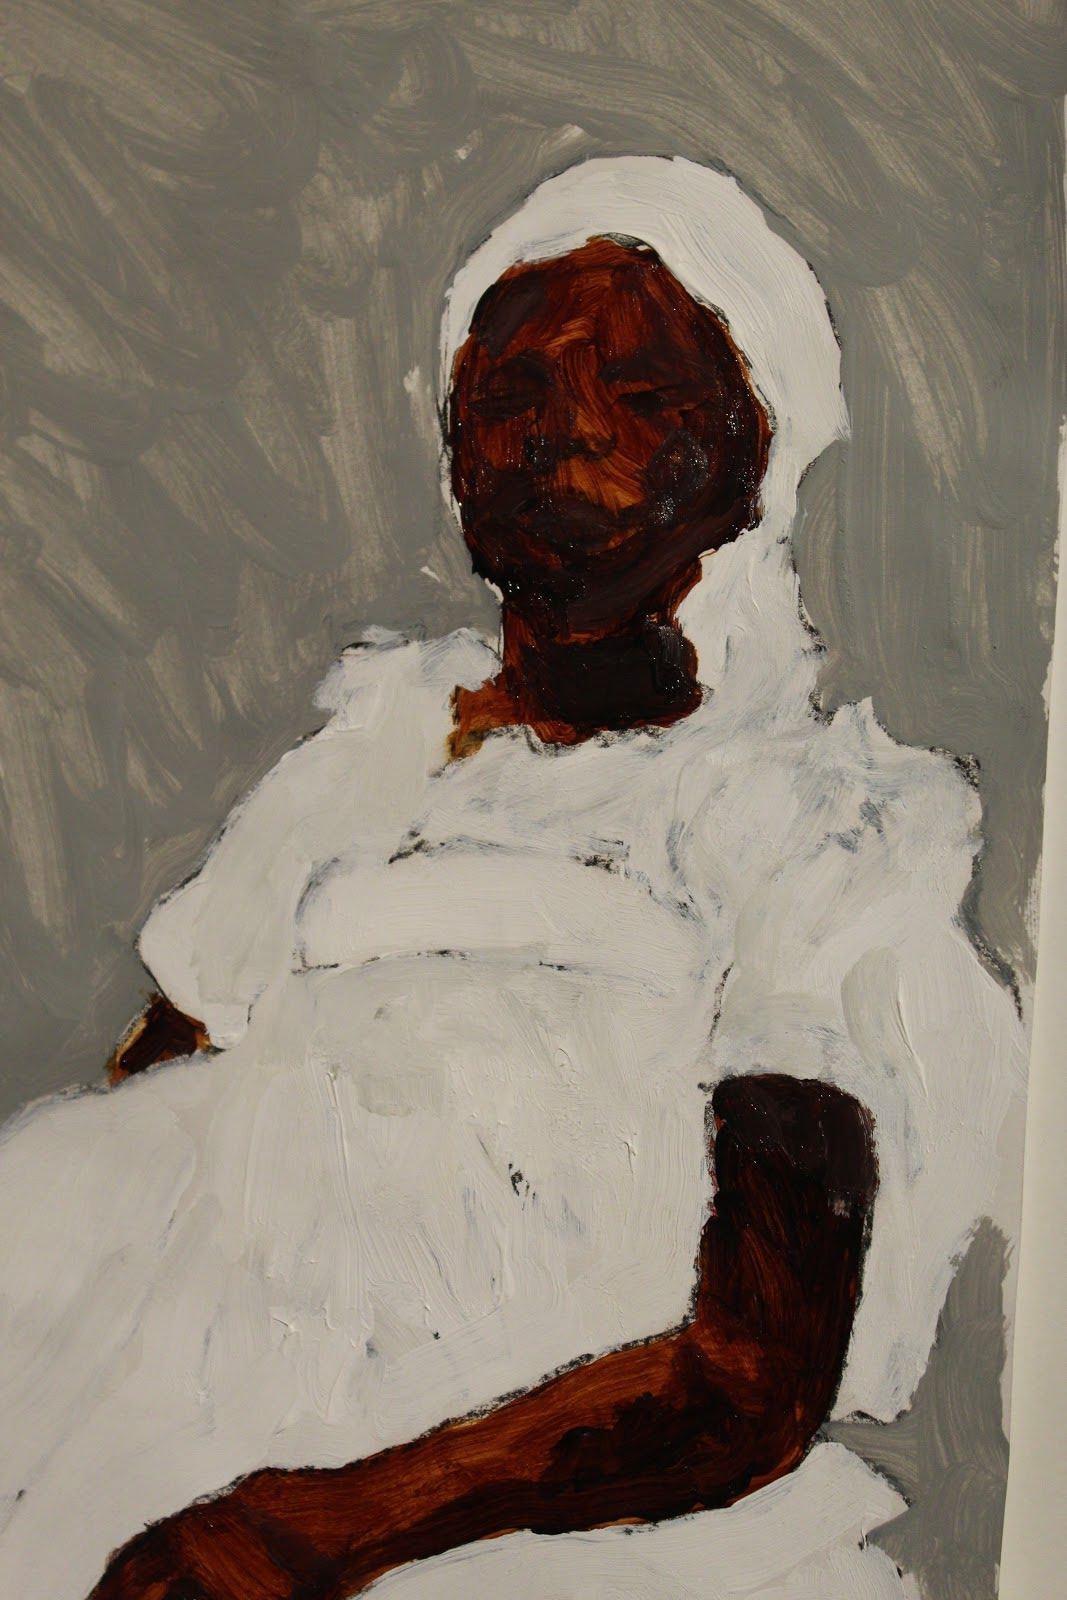 Moisés Patrício nascido - 1984, São Paulo - SP Brazil Mãe Valéria de Oxum 108 x 78 cm Acrílica sobre papel algodão Ano 2020 Valor da obra 3.500,00 (disponível)